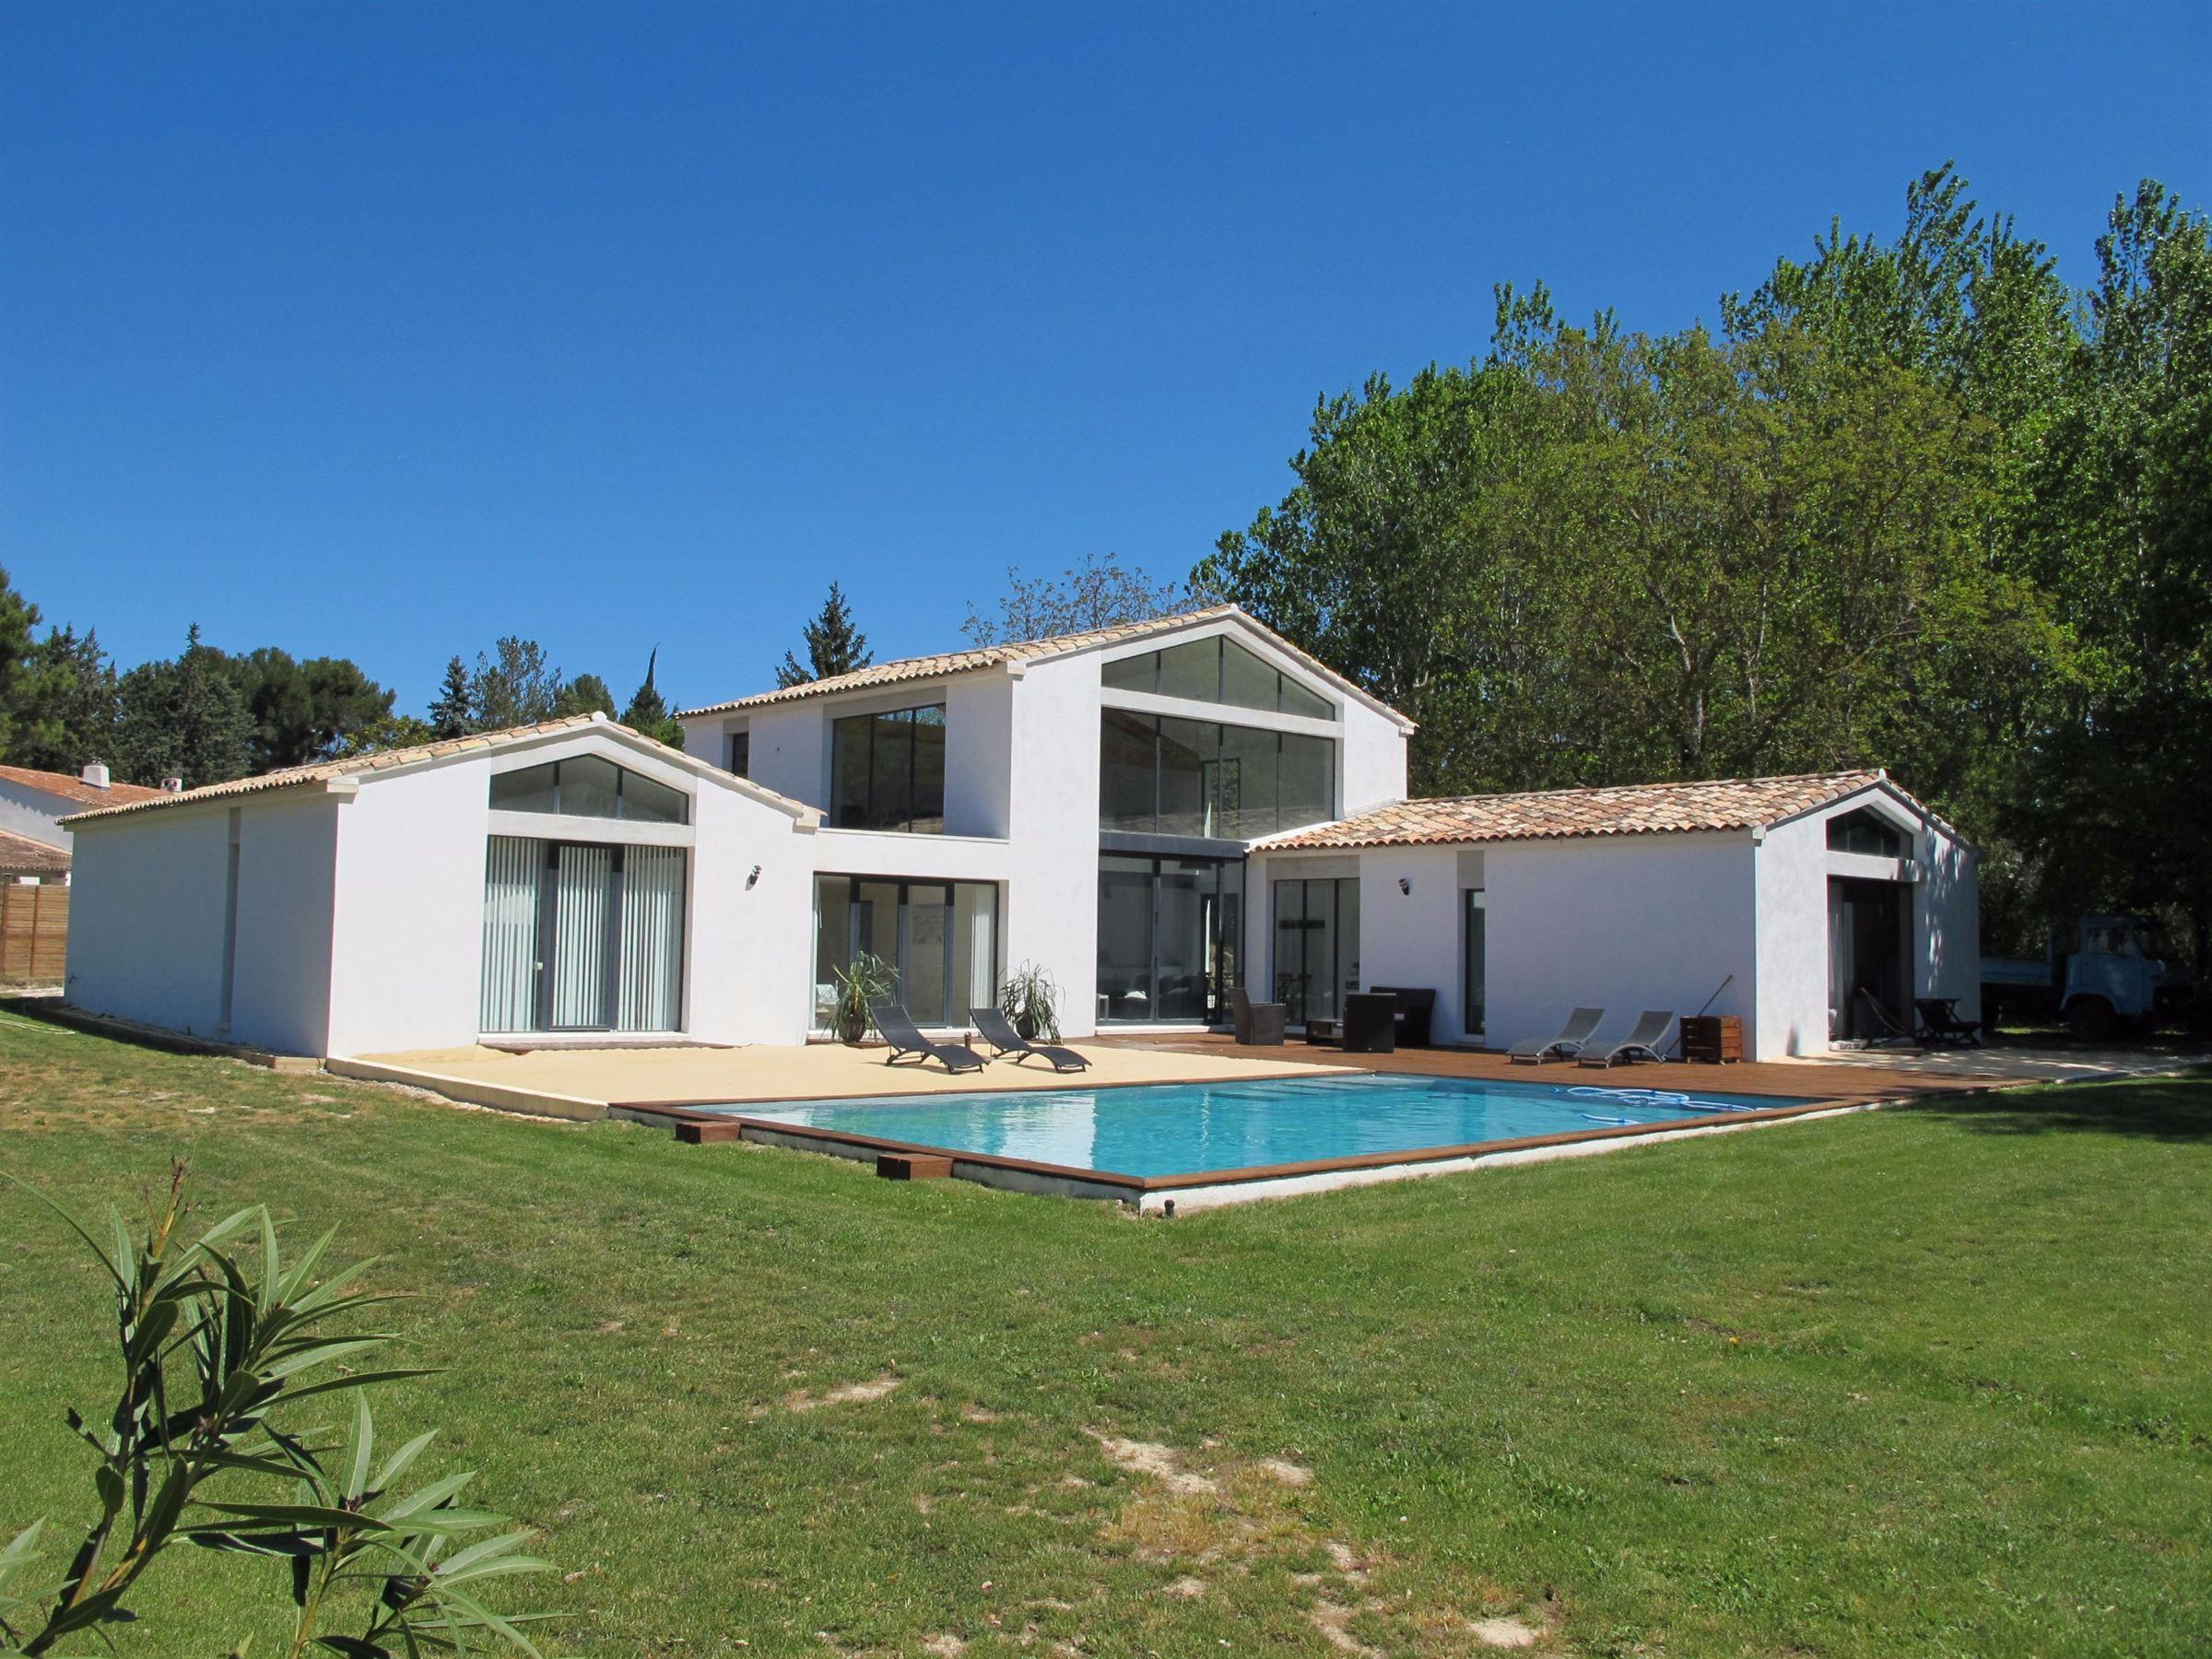 Частный односемейный дом для того Продажа на Magnificient house Other Provence-Alpes-Cote D'Azur, Прованс-Альпы-Лазурный Берег, 13100 Франция